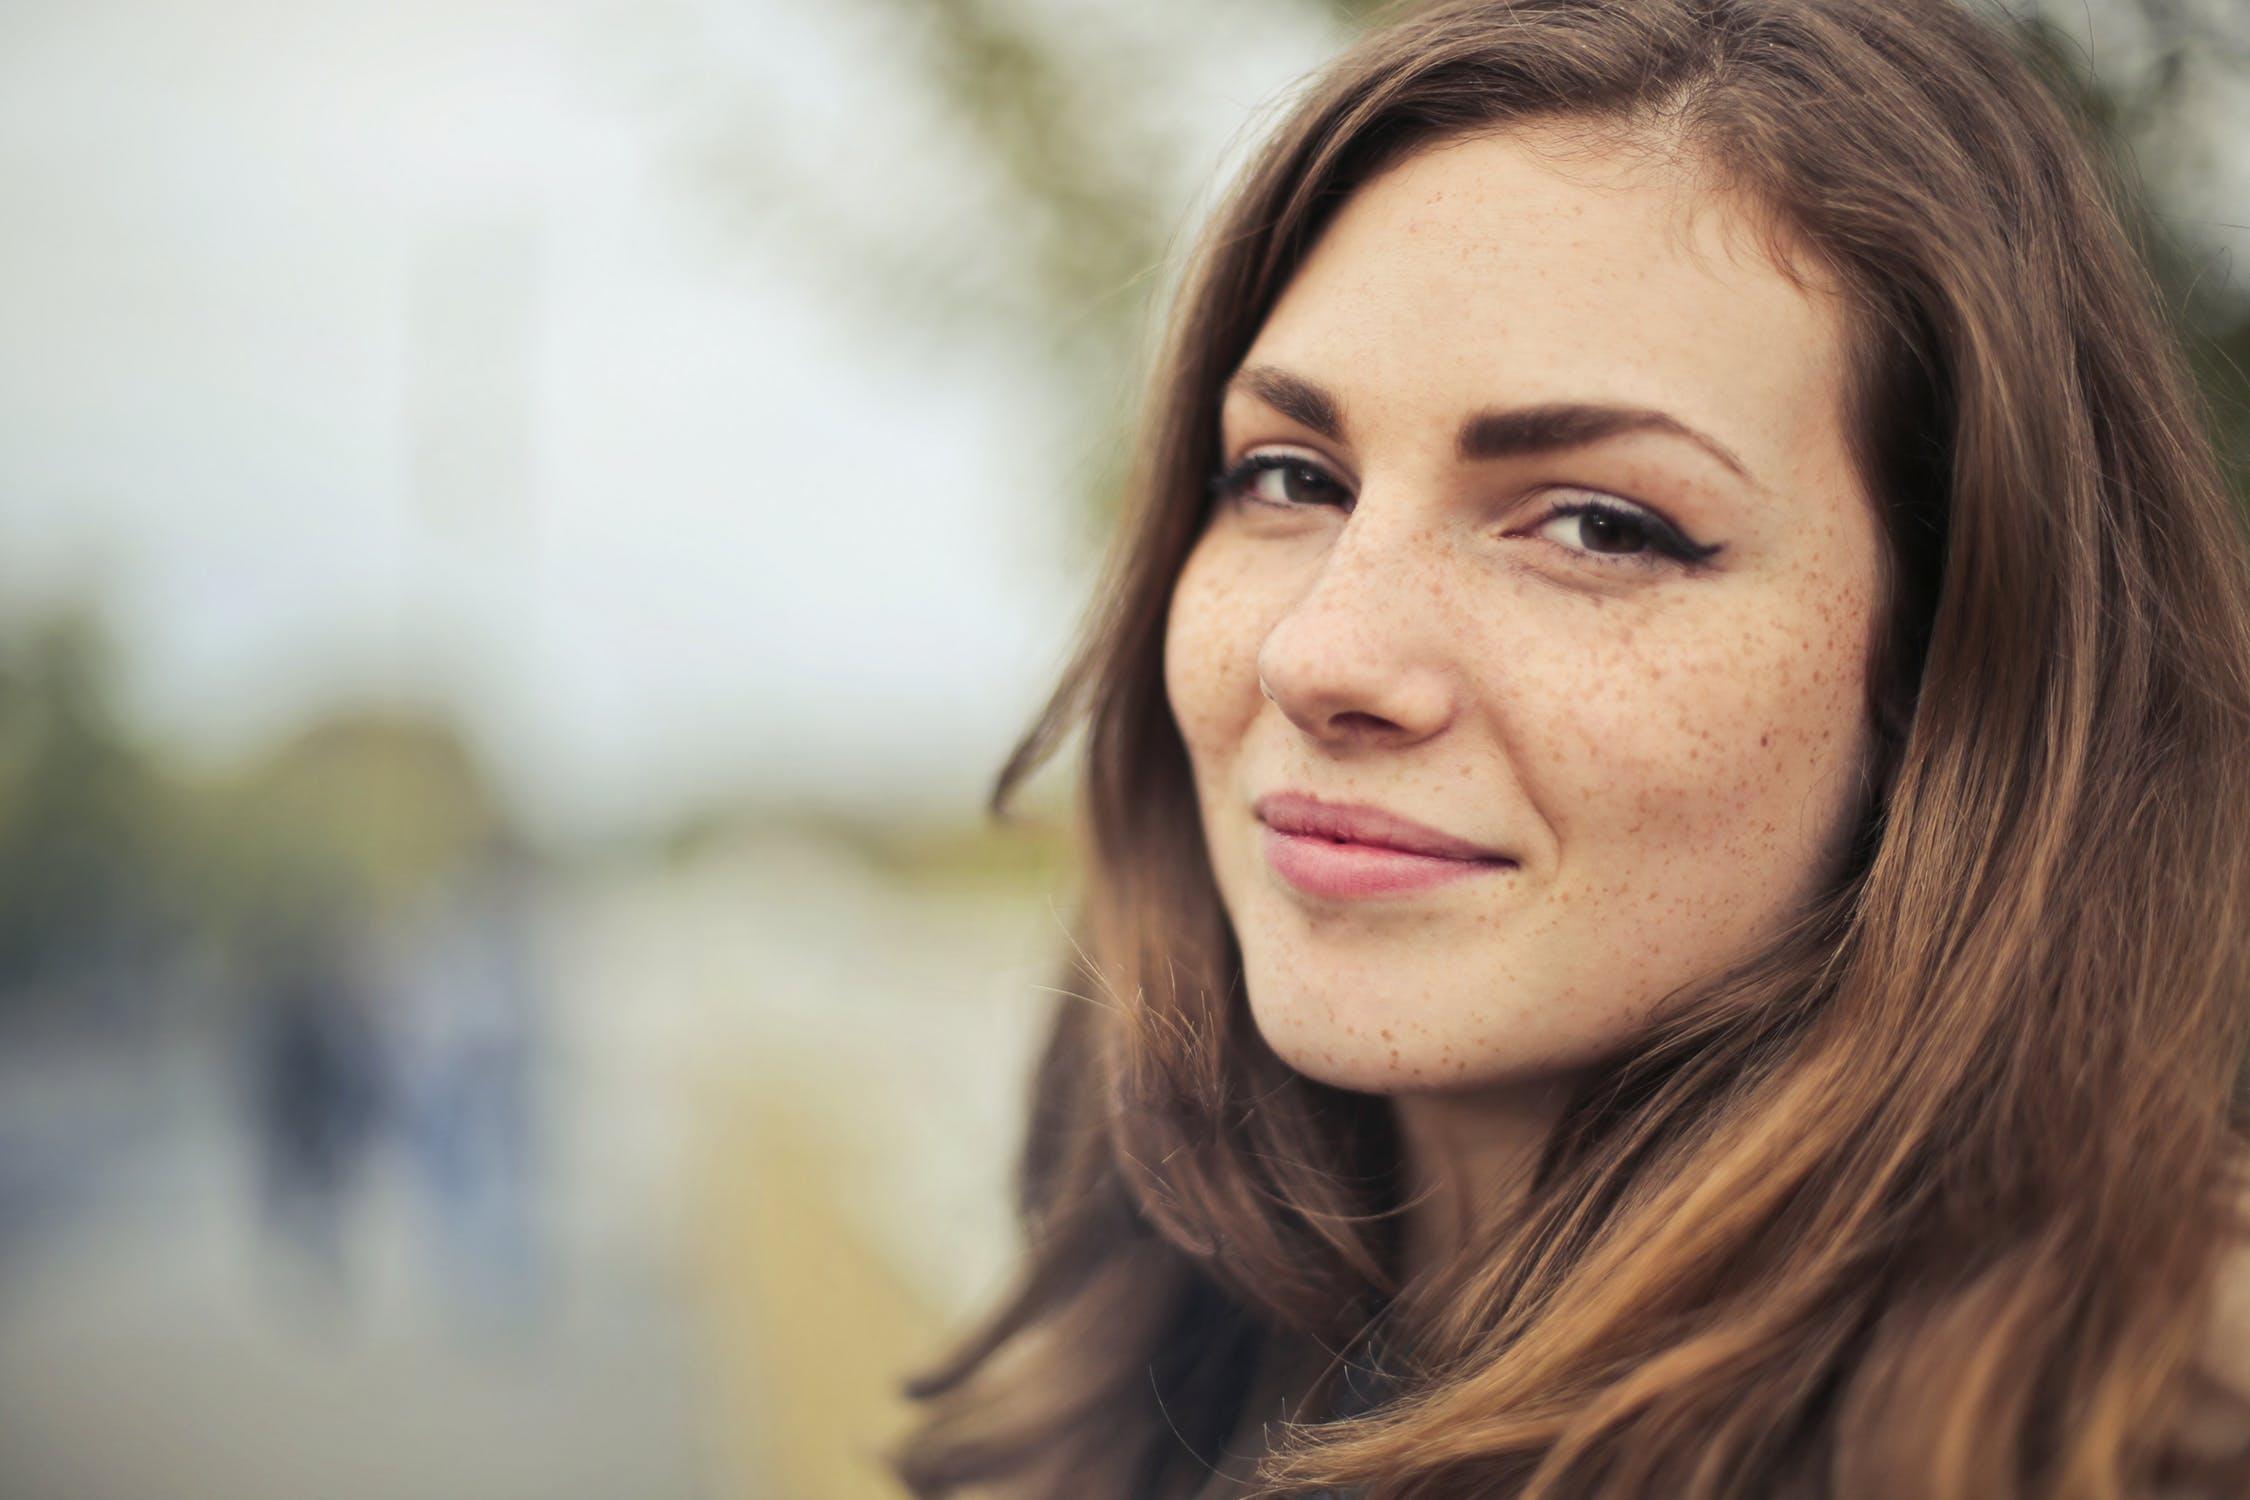 woman breaste health happy freckles